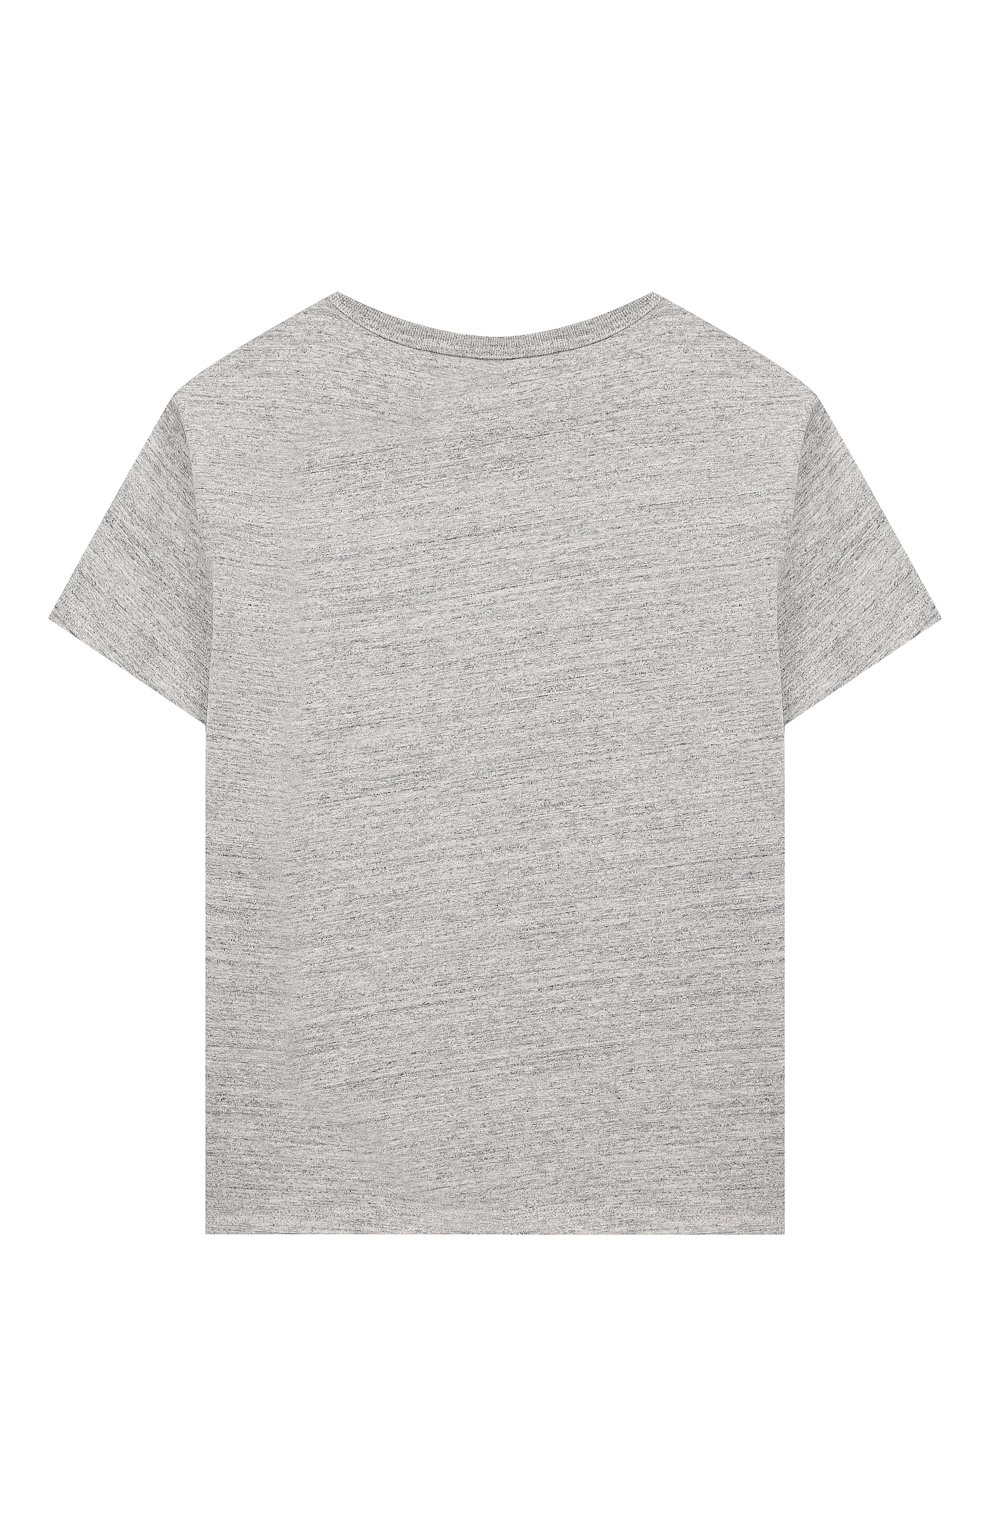 Детская хлопковая футболка MARC JACOBS (THE) серого цвета, арт. W15484 | Фото 2